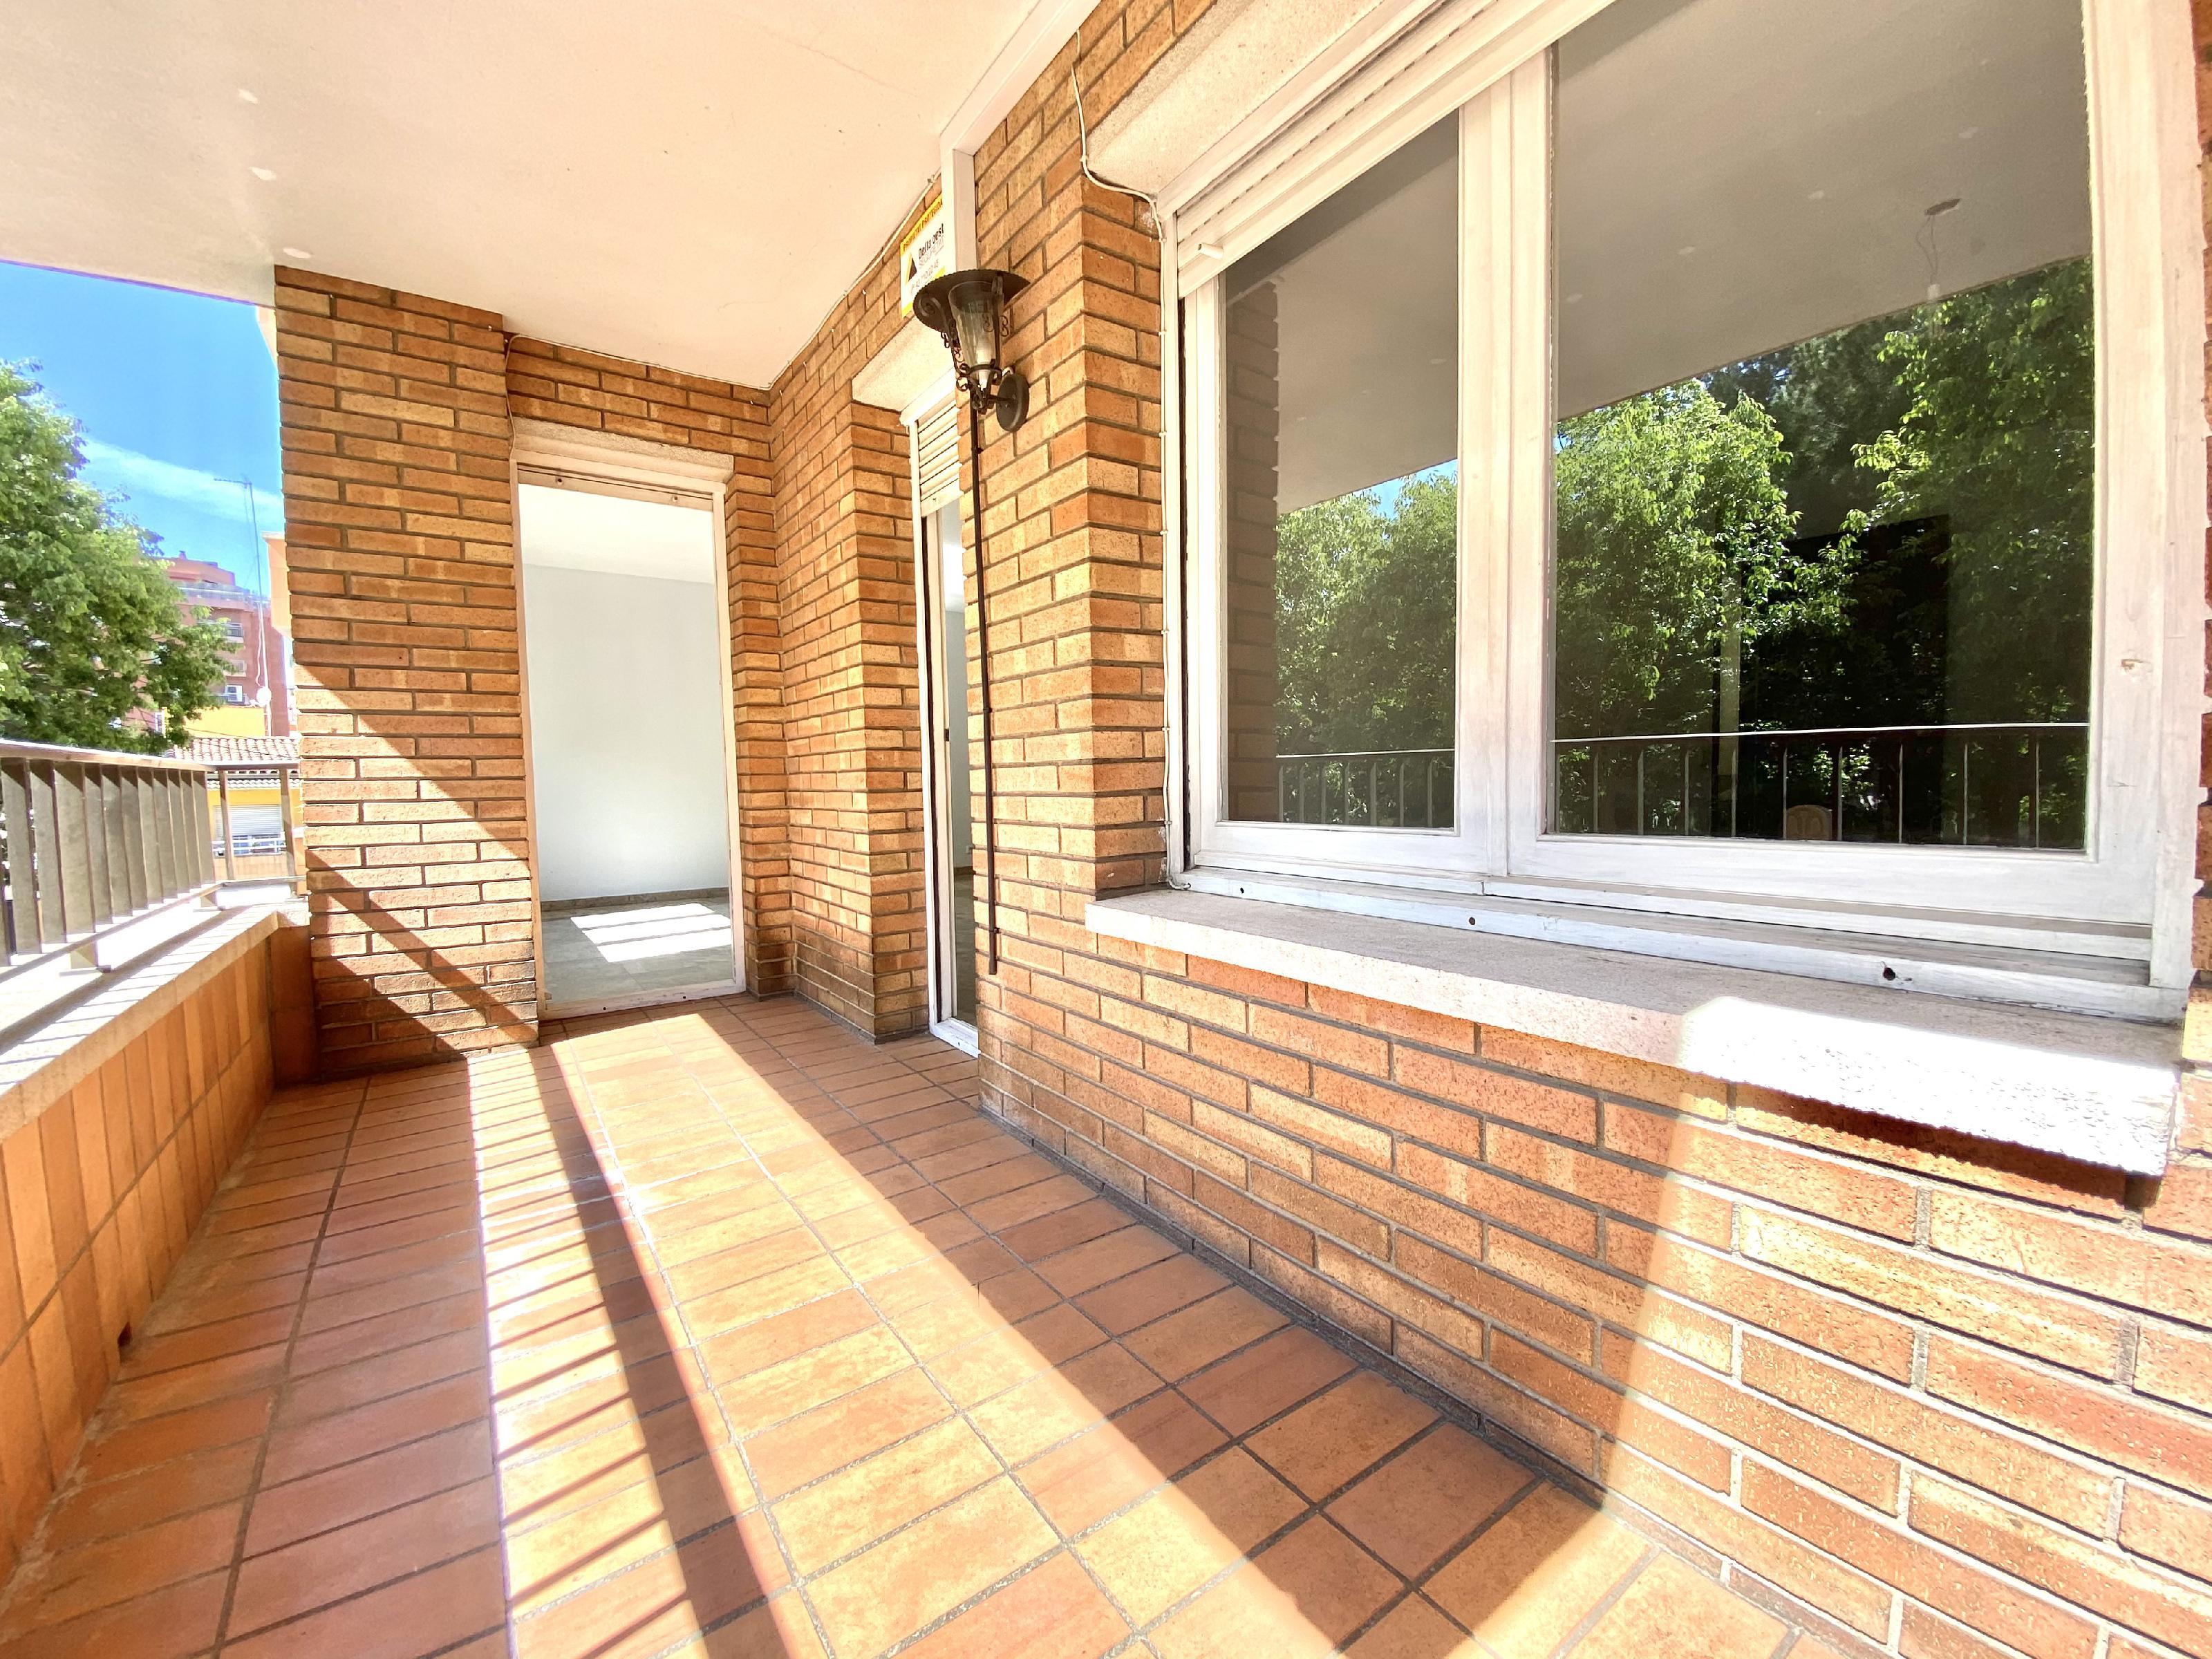 Imagen 2 Piso en venta en Rubí / En zona Mercat-Ribas a 5 minutos del Centro.